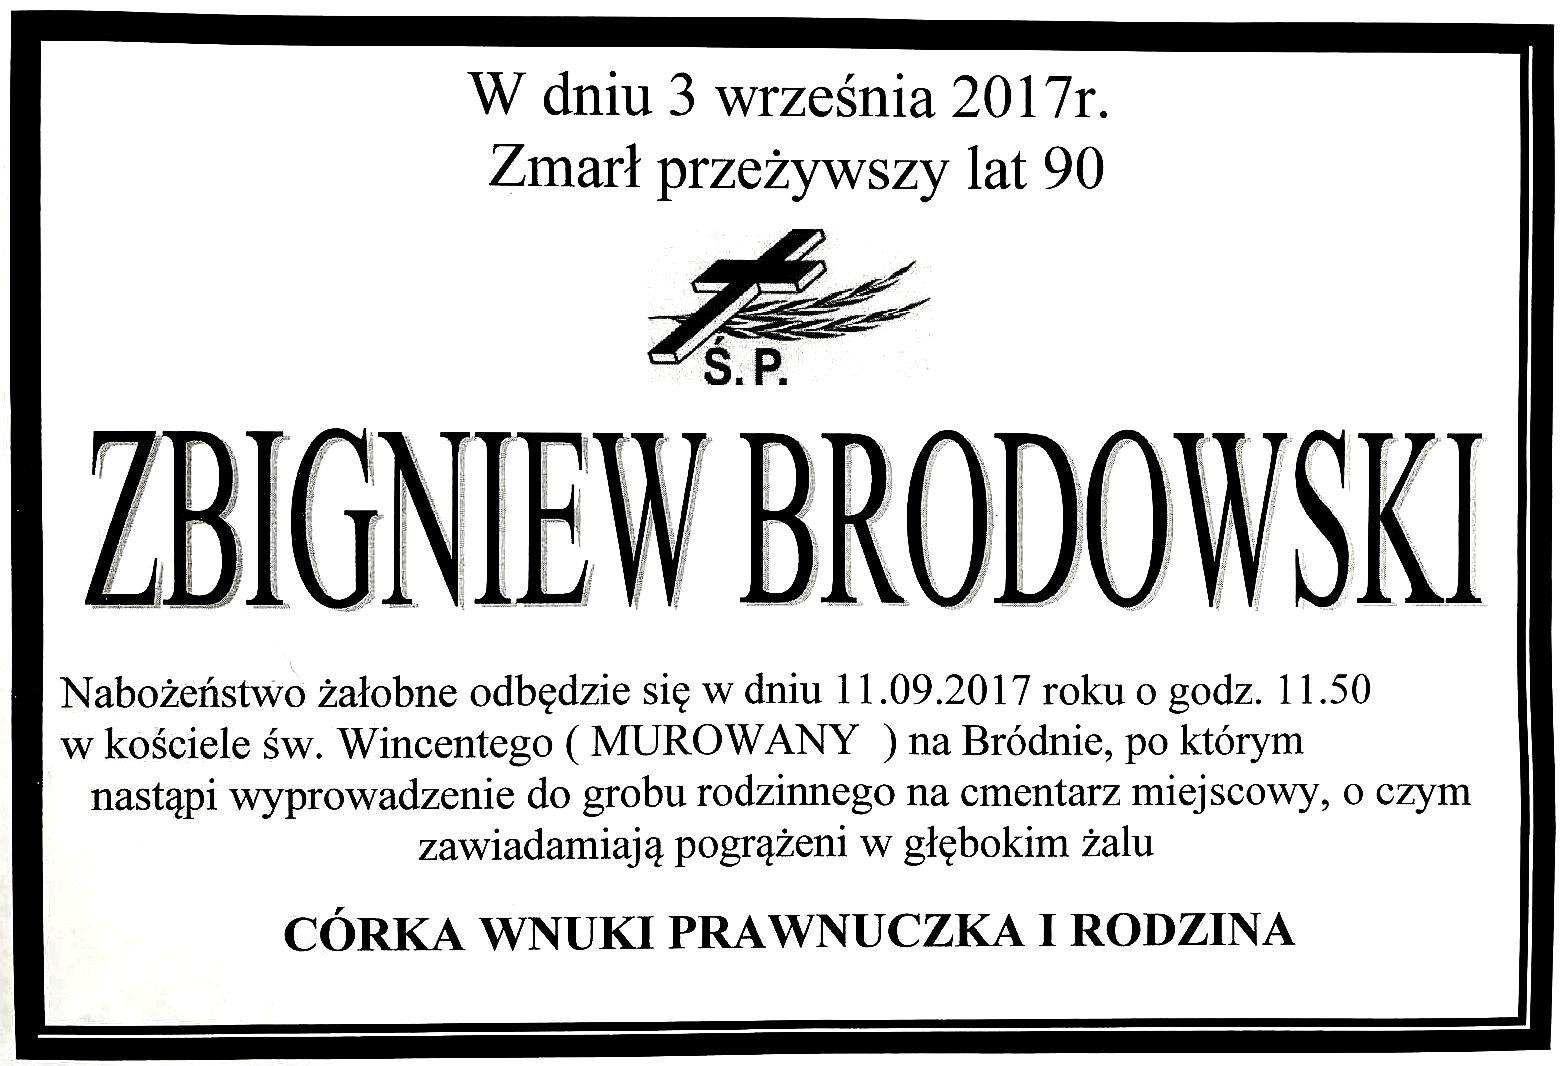 nekrolog Zbigniew Brodowski